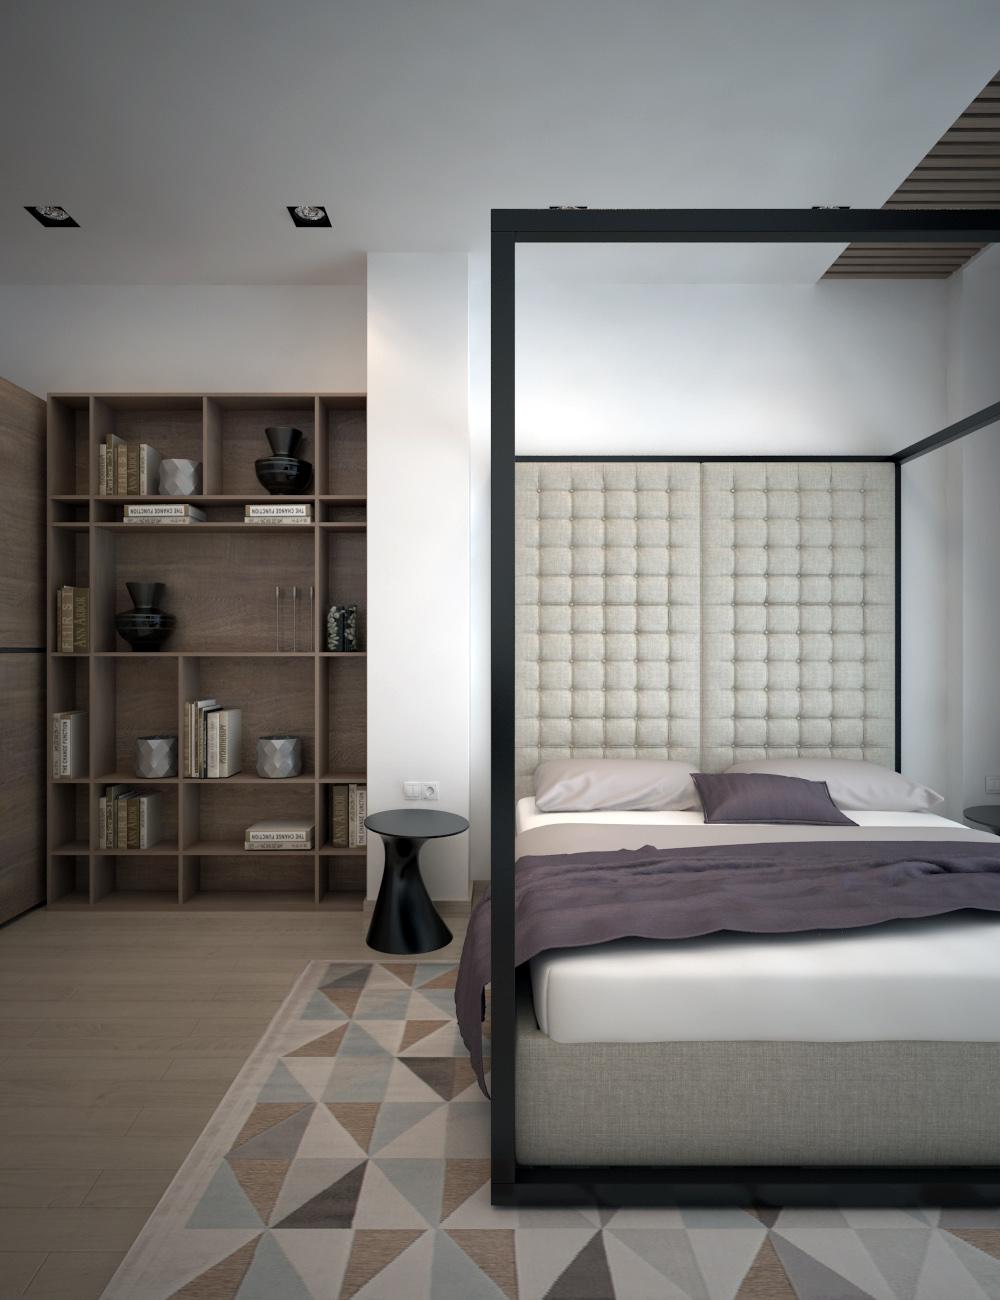 19_2_floor_bedroom 1_view 2.jpg